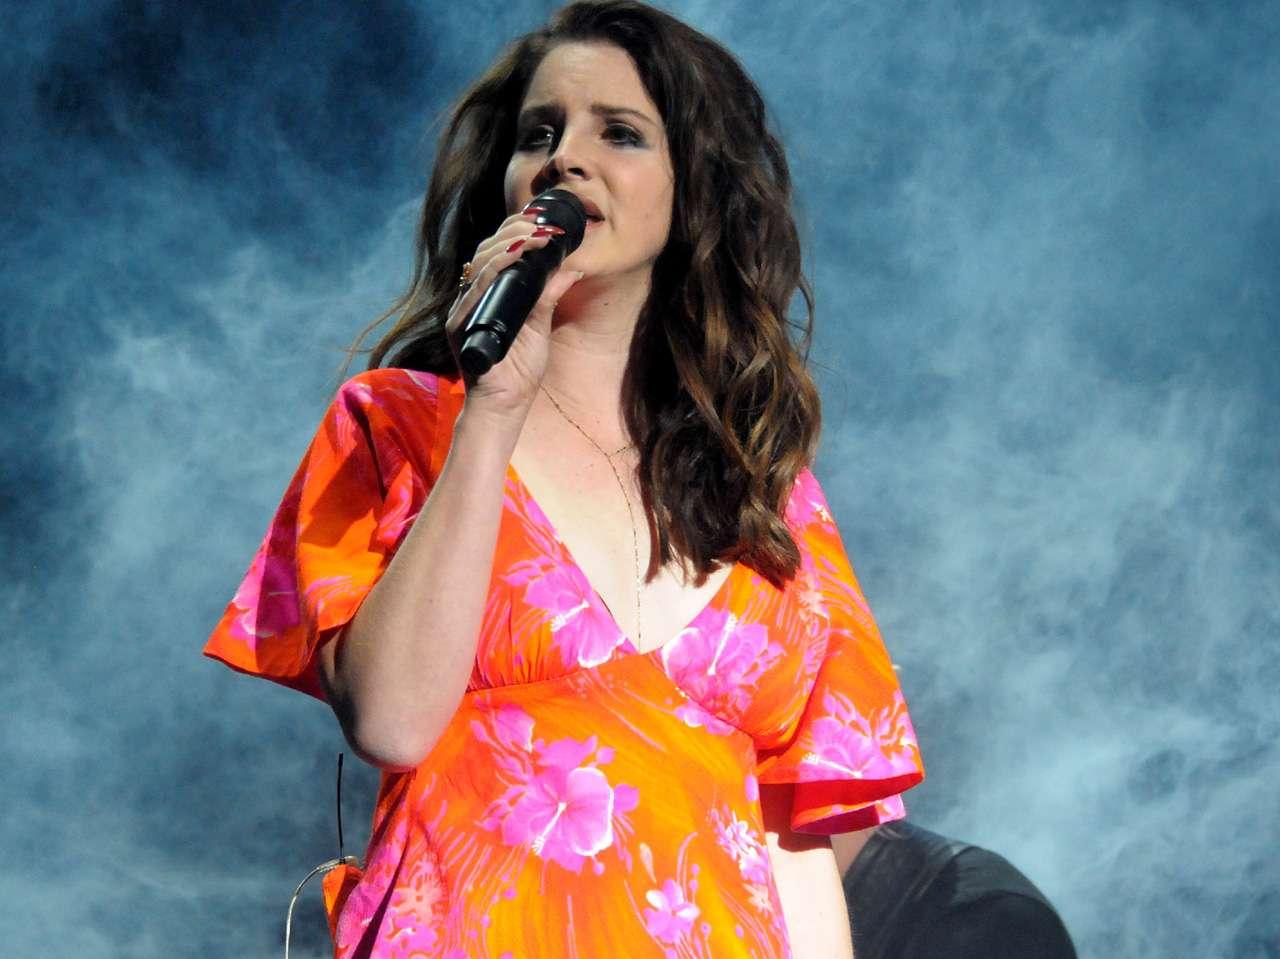 El público regiomontano podrá disfrutar de Lana del Rey en el Foro Alive y los boletos ya se encuentran a la venta Foto: Getty Images